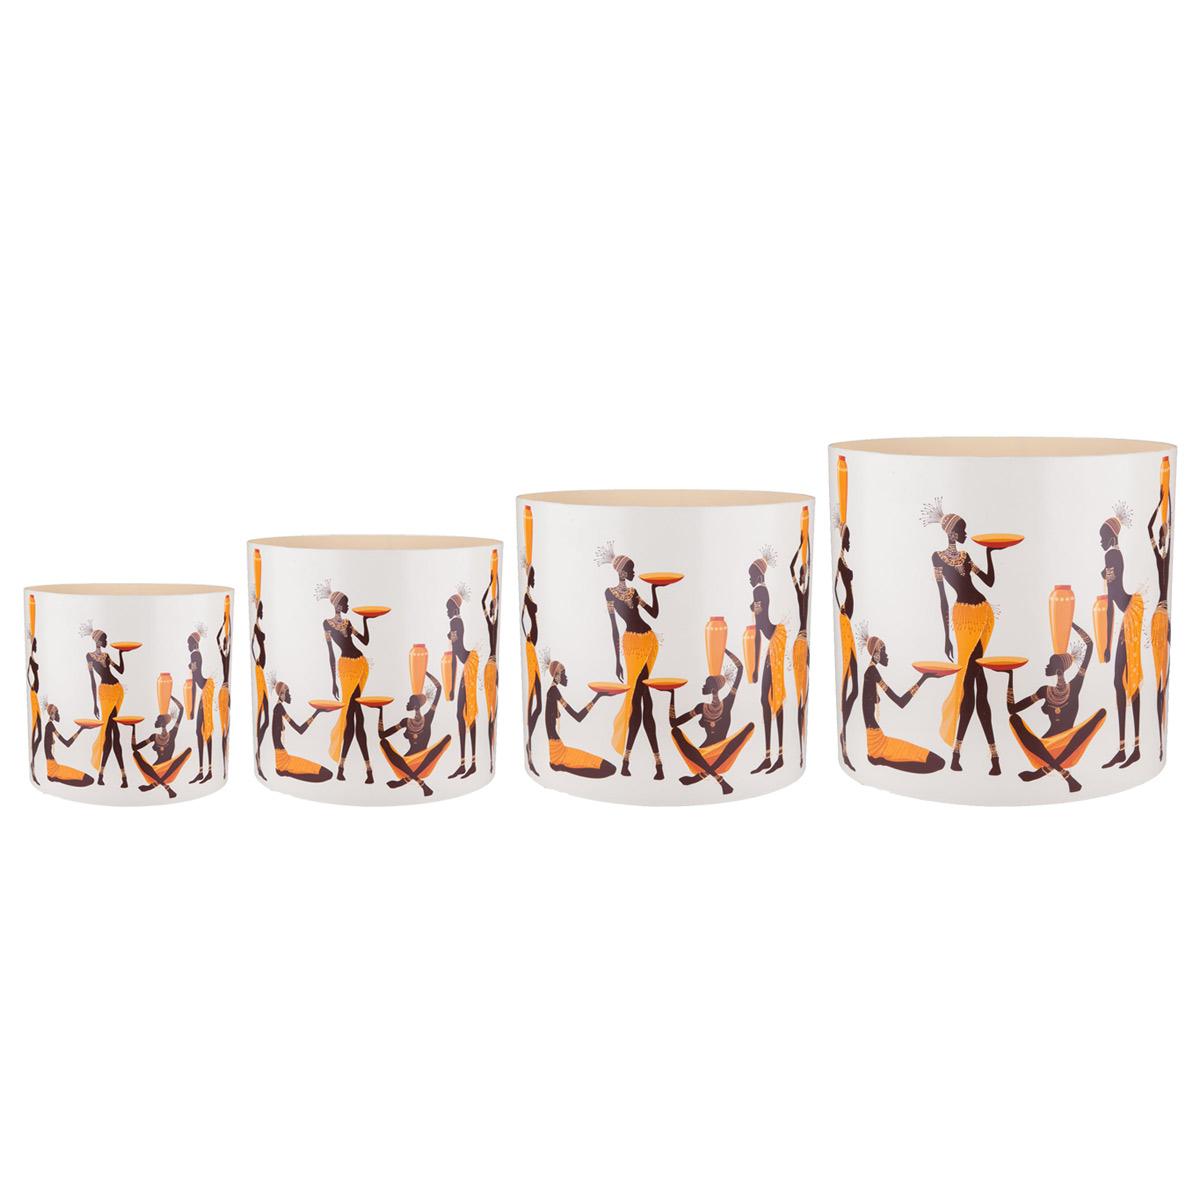 Набор горшков для цветов Miolla Африканки, со скрытым поддоном, 4 предметаSMG-SET1Набор Miolla Африканки состоит из 4 горшков со скрытыми поддонами. Горшкивыполнены из пластика и декорированы красочным рисунком. Изделия предназначены для цветов. Изделия оснащены специальными скрытыми поддонами.Диаметр горшков: 20,5 см, 16,5 см, 13,5 см, 11,5 см.Высота горшков (с учетом поддона): 19 см, 16 см, 13,5 см, 11,5 см.Объем горшков: 1 л, 1,7 л, 2,8 л, 5,1 л.